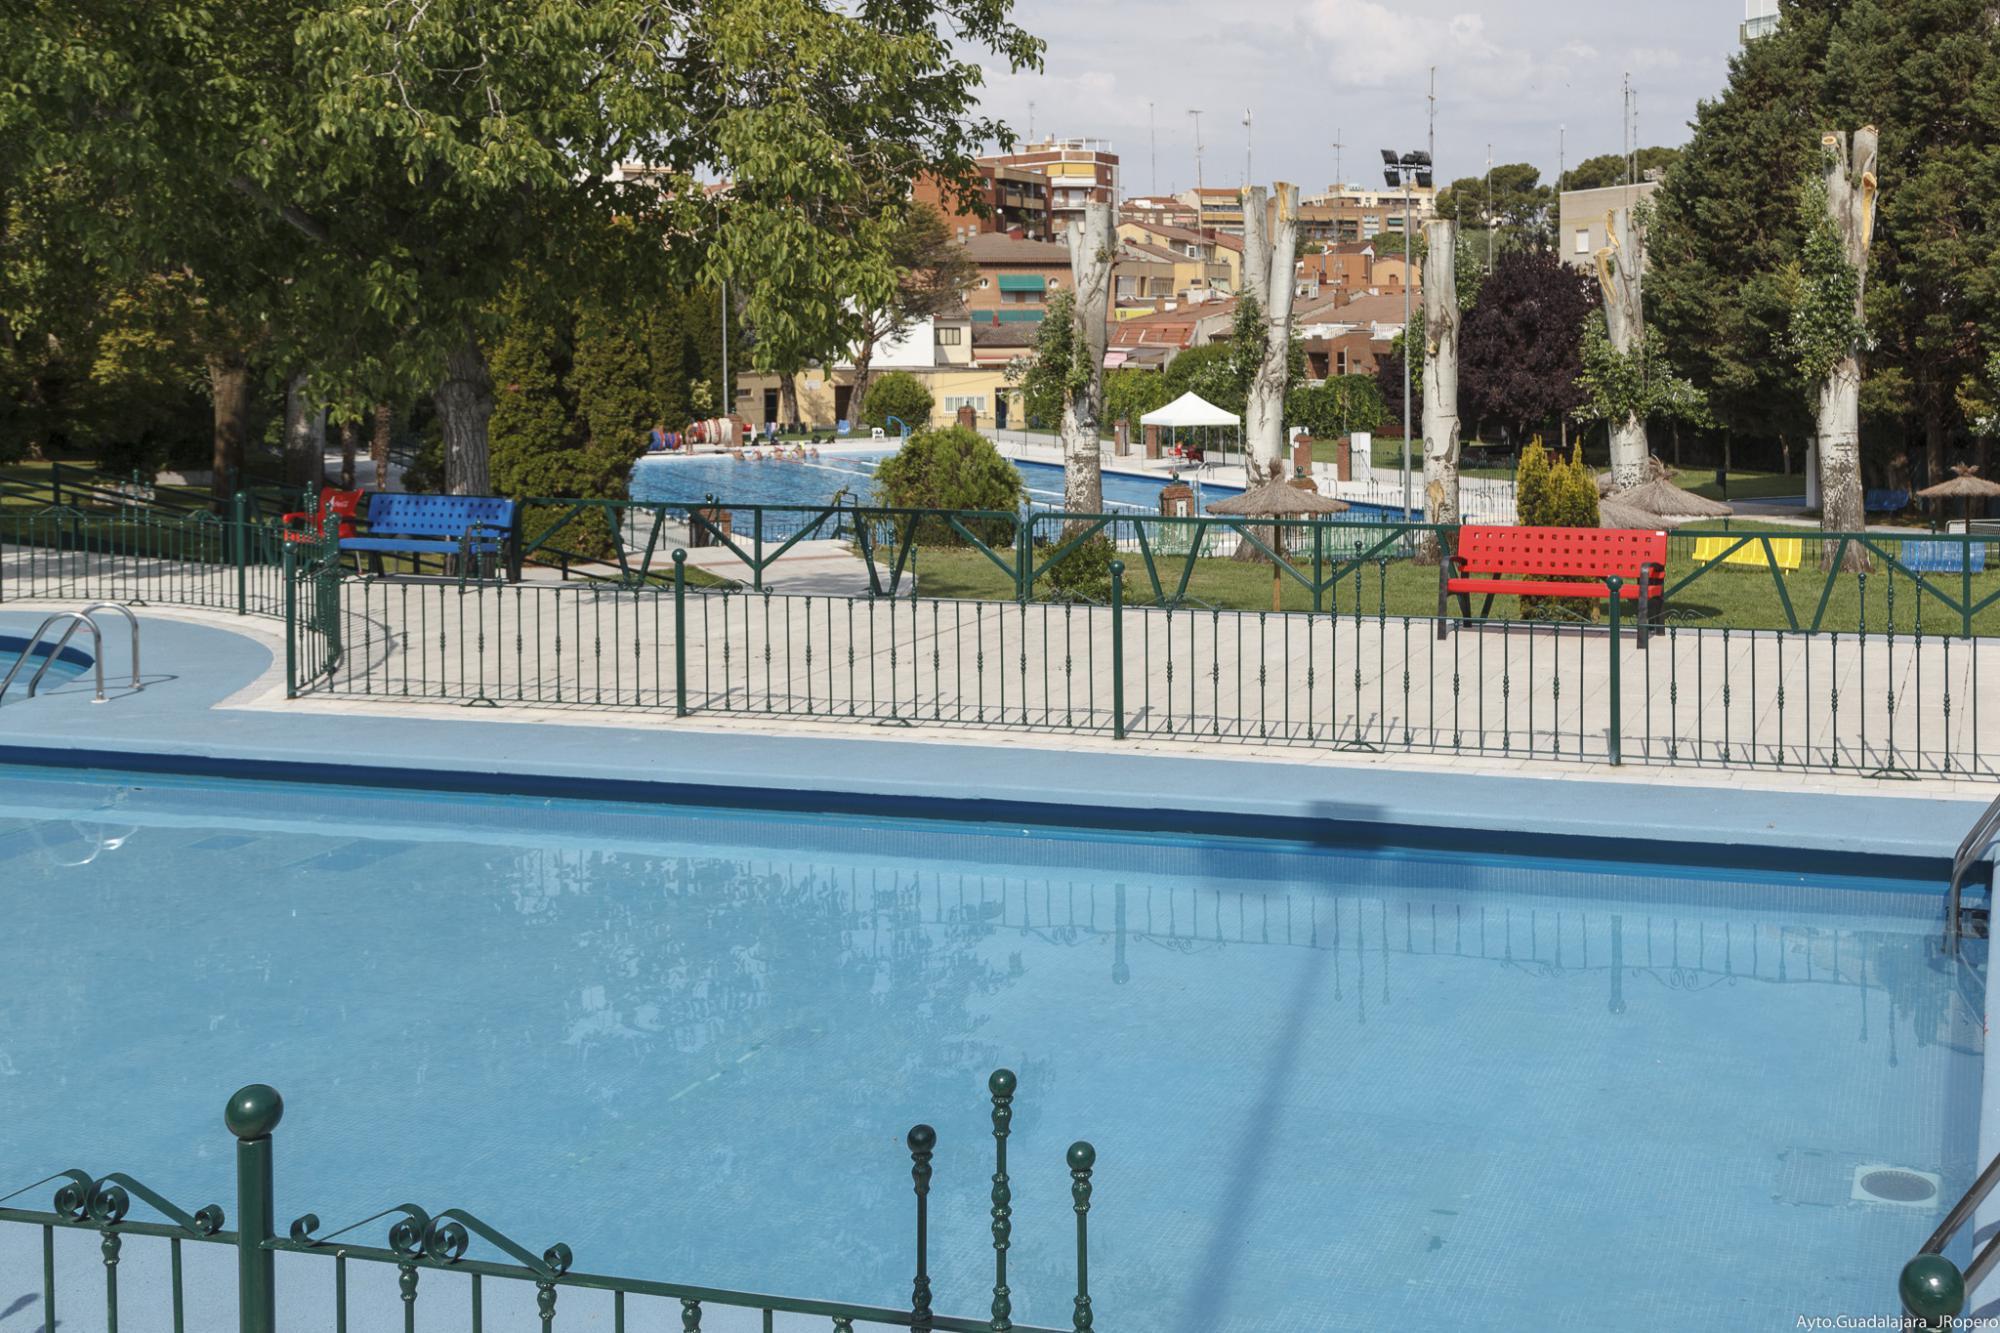 Zumba y aquagym en la piscina de verano de san roque for Piscina puerta de hierro